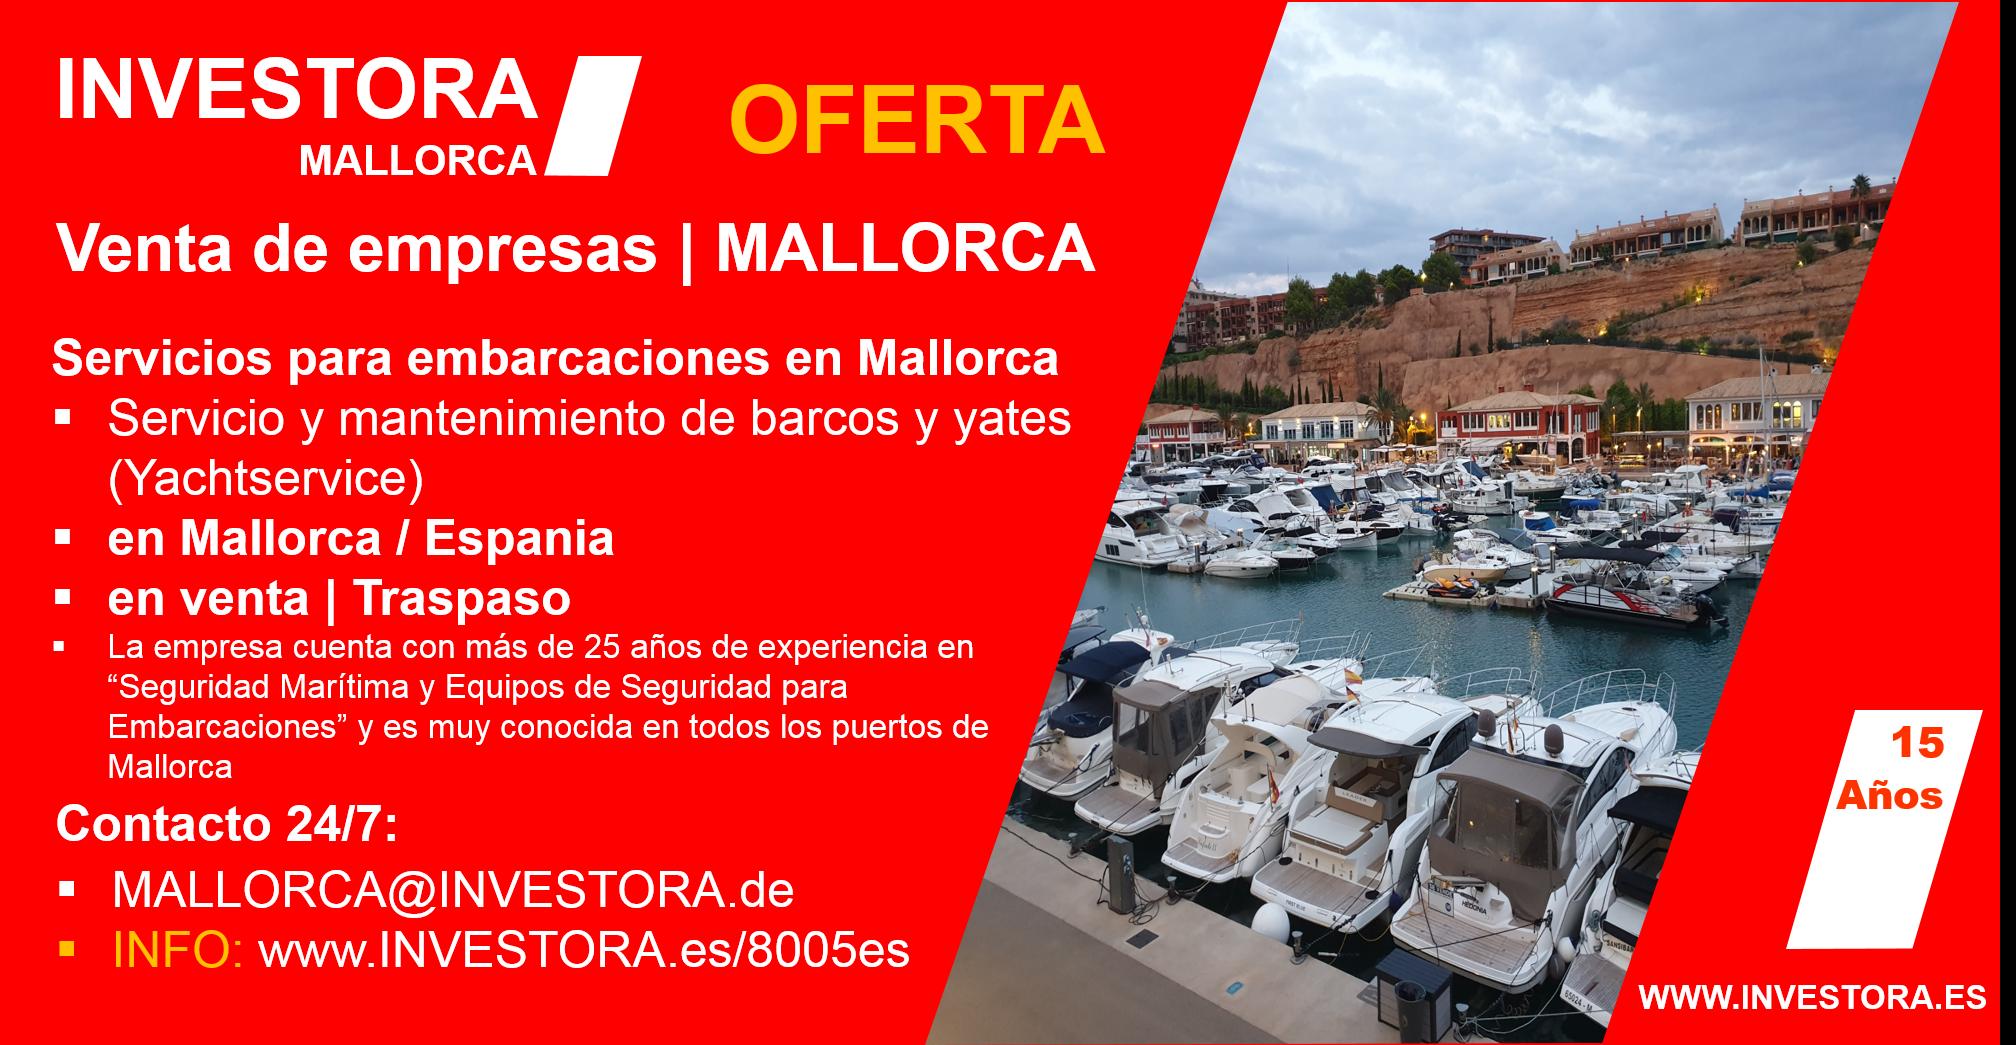 INVESTORA MALLORCA 8005es - Servicio de barcos en venta